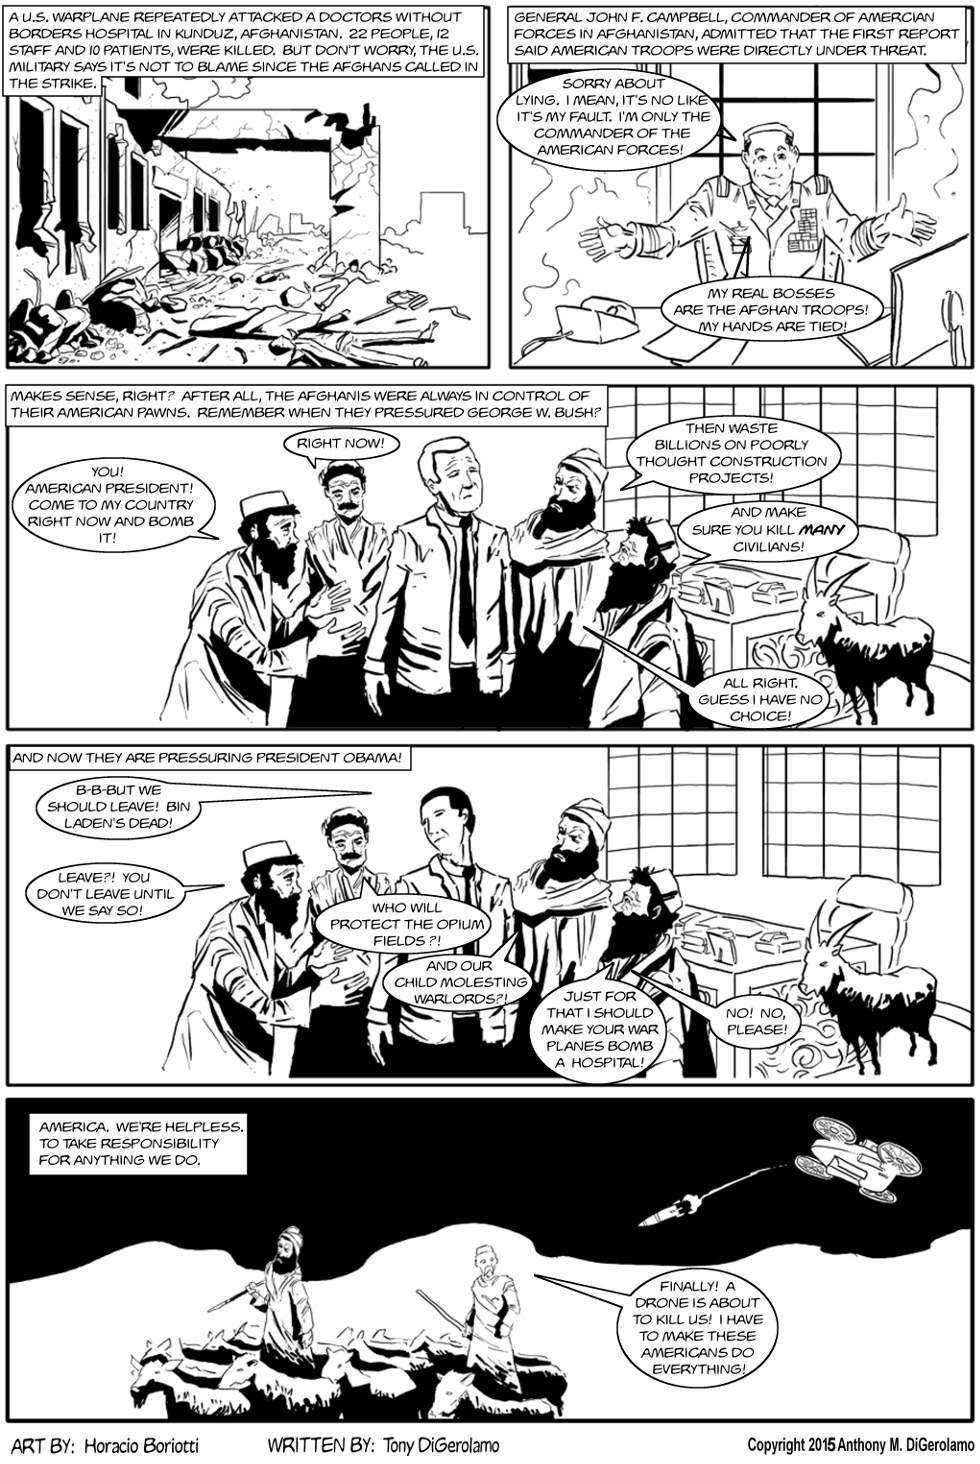 The Antiwar Comic:  The Real Bosses